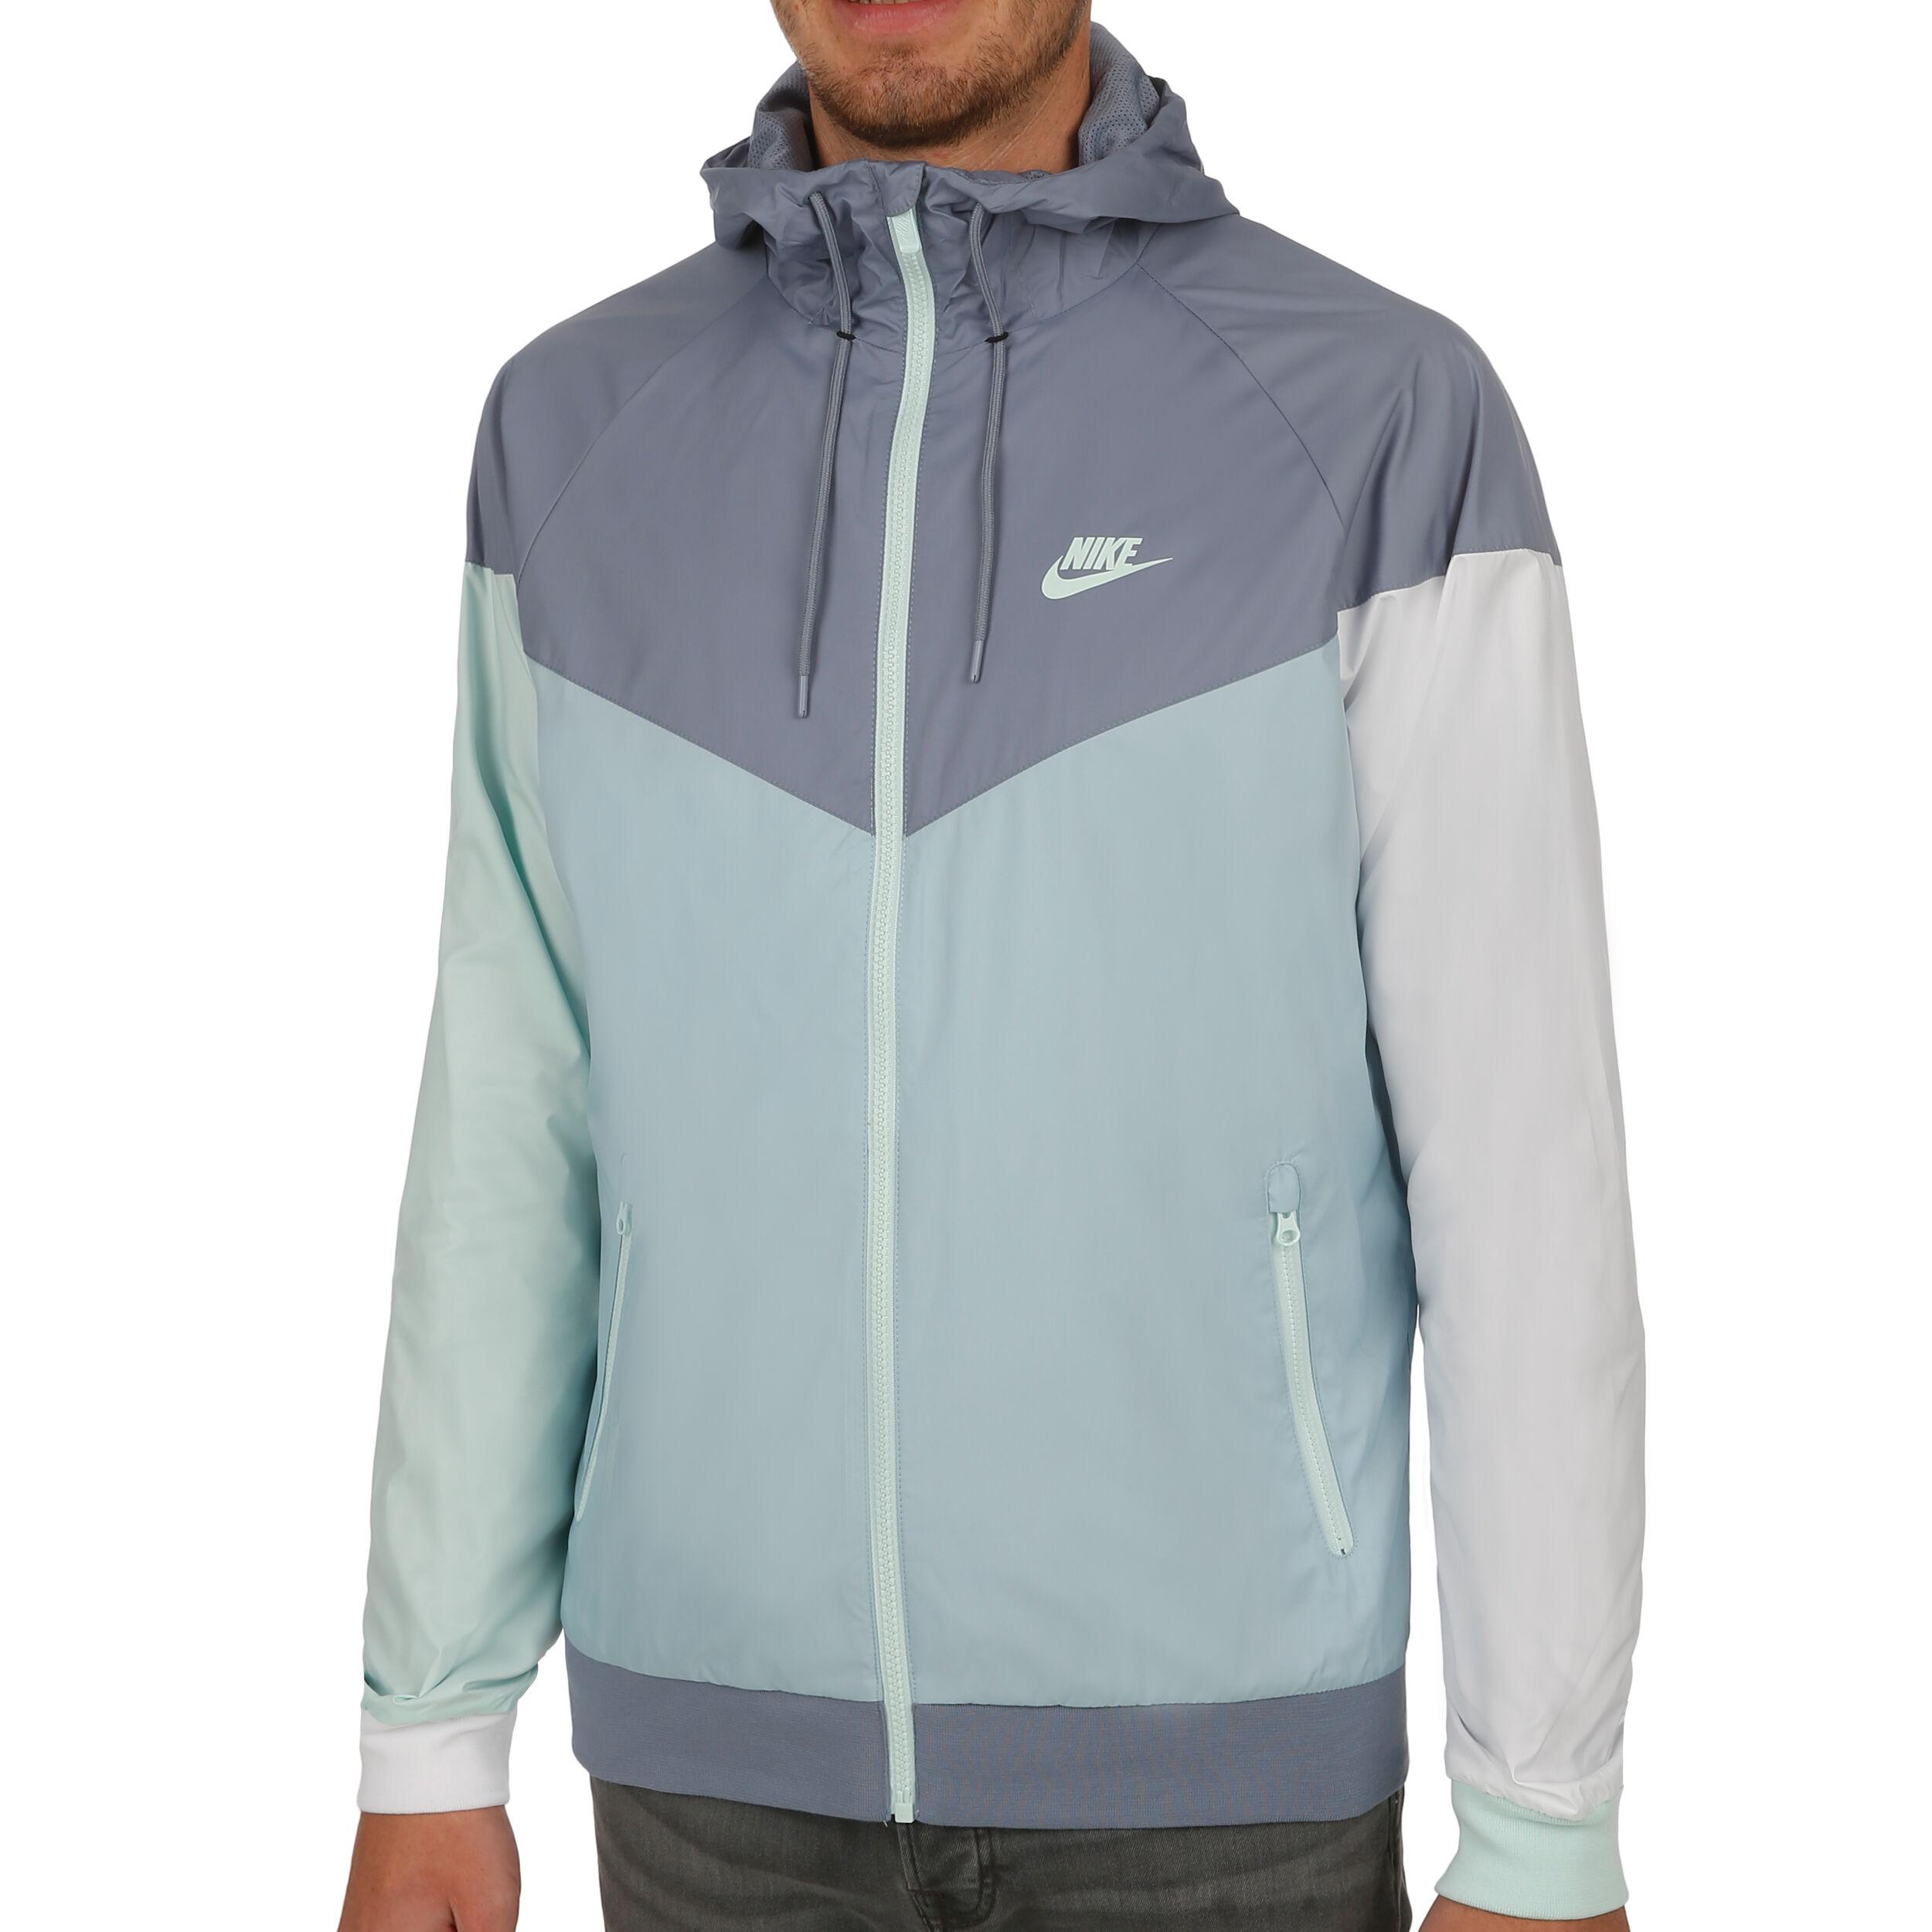 Nike Windrunner Trainingsjacke Herren Grau, Mint online